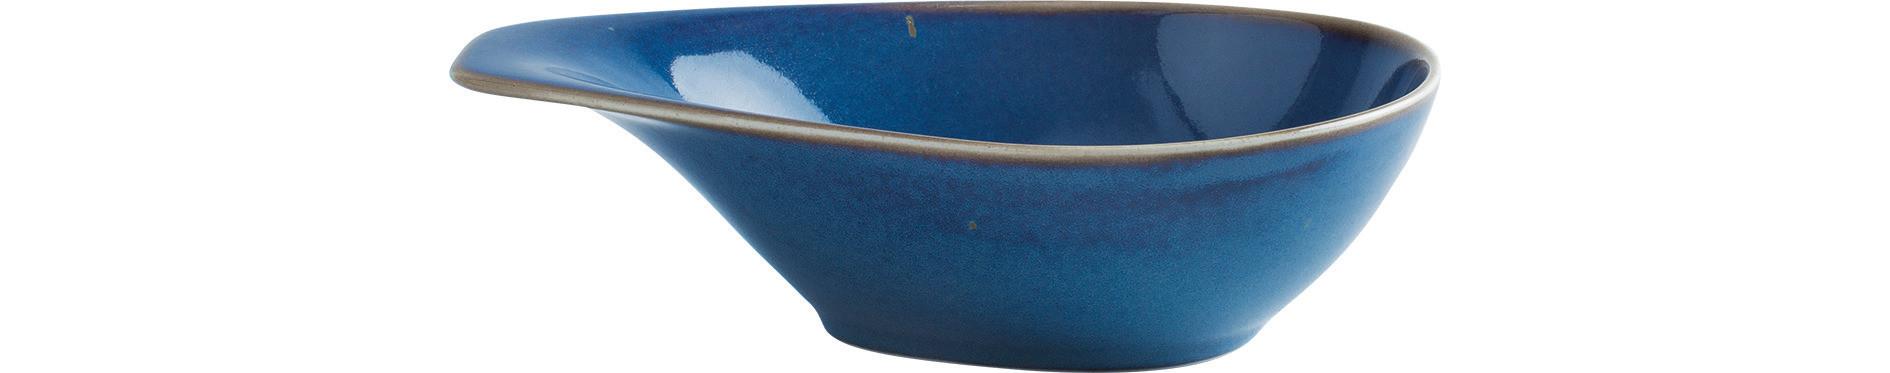 Homestyle, Schale mit Griff 178 x 127 mm / 0,25 l atlantic blue